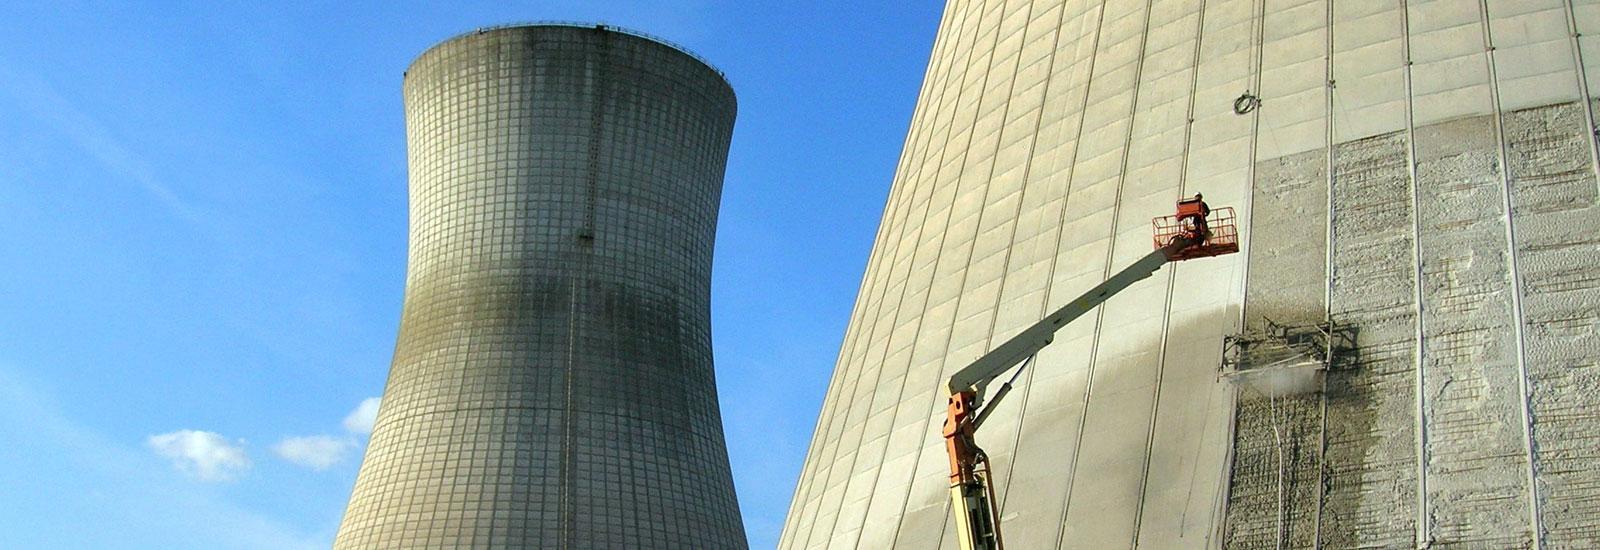 Corrosion Mitigation